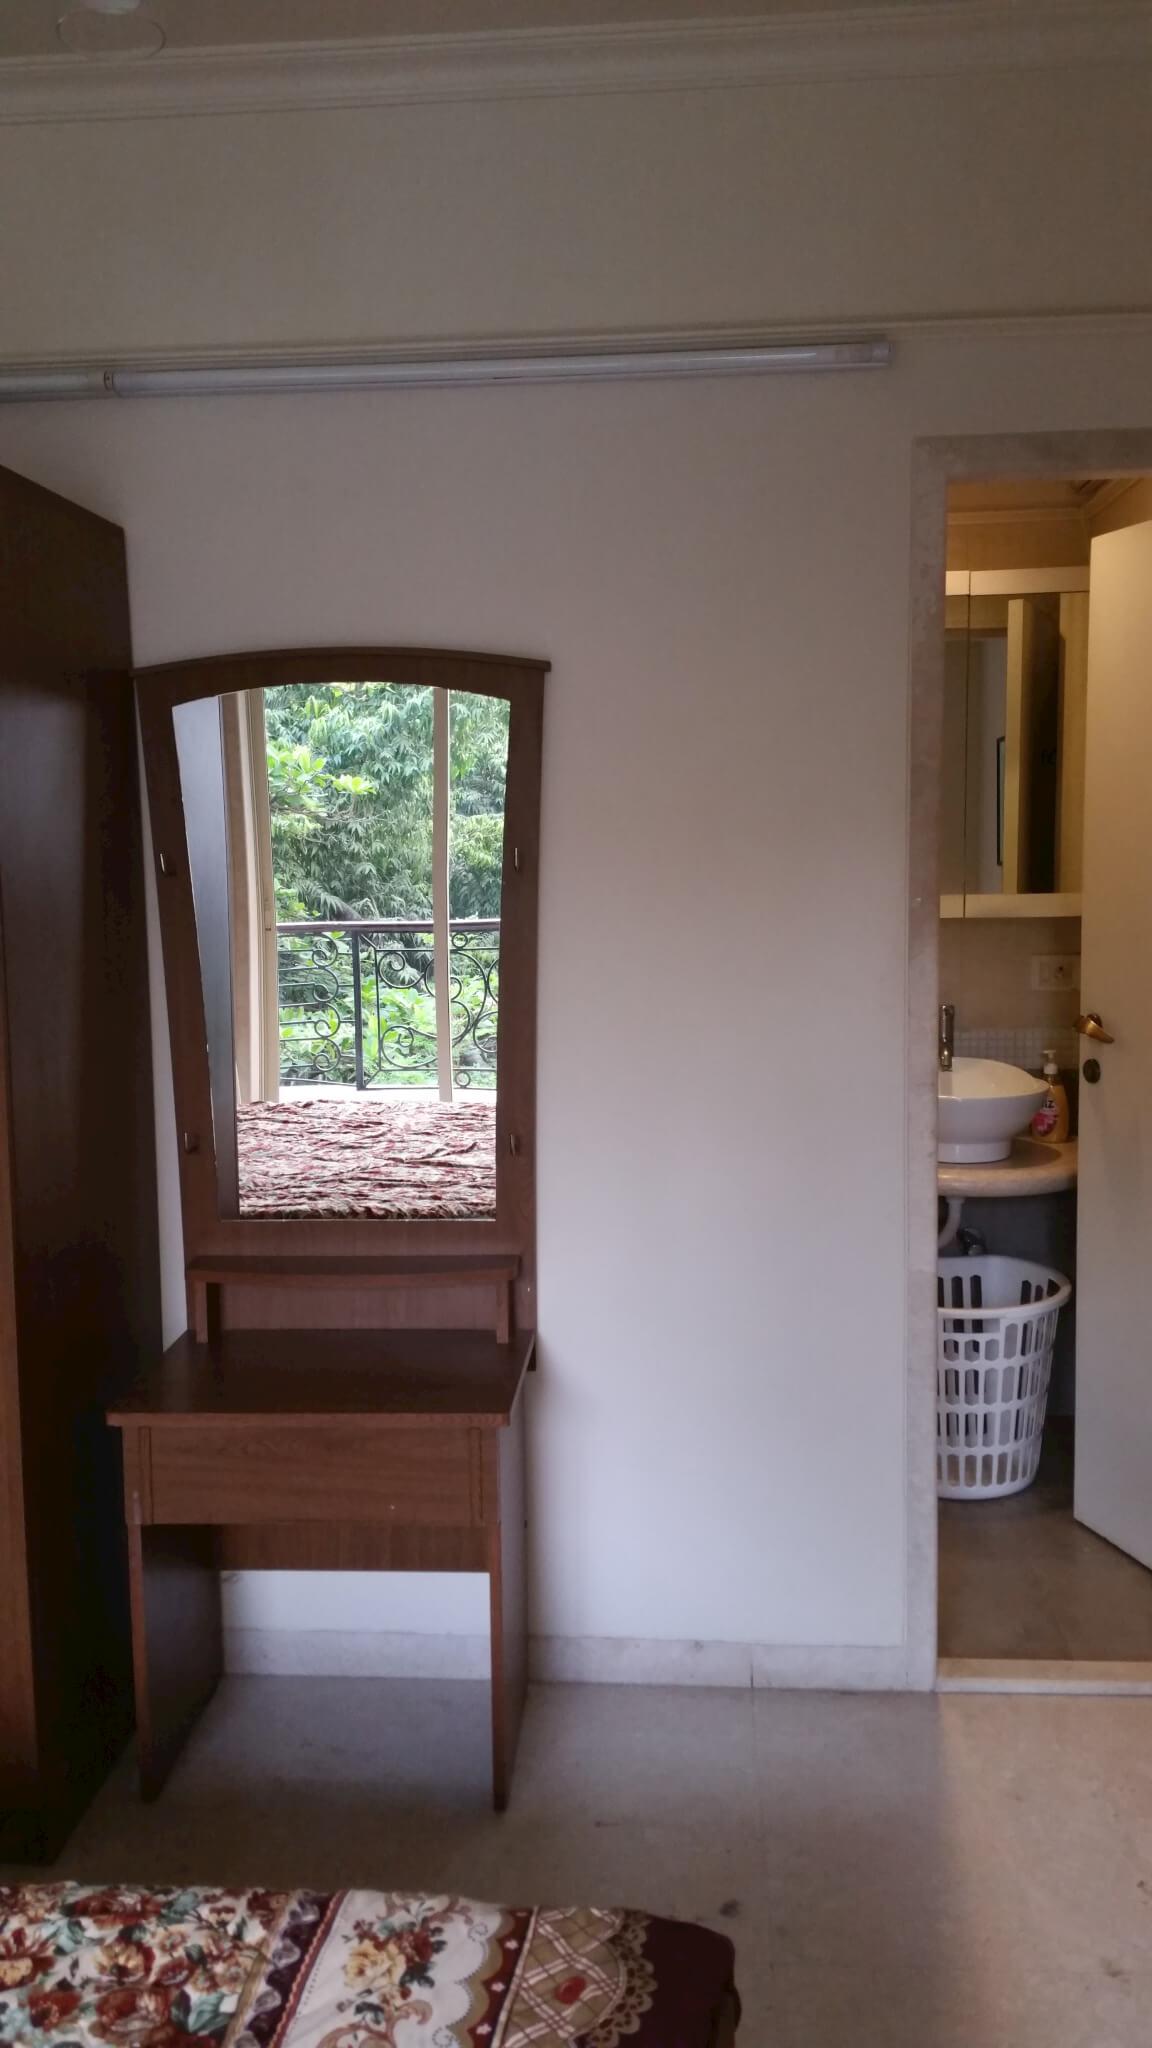 2 Bedroom Bi Level Home With Open Living: Monthly Rental 2 Bedroom Service Apartment Santacruz